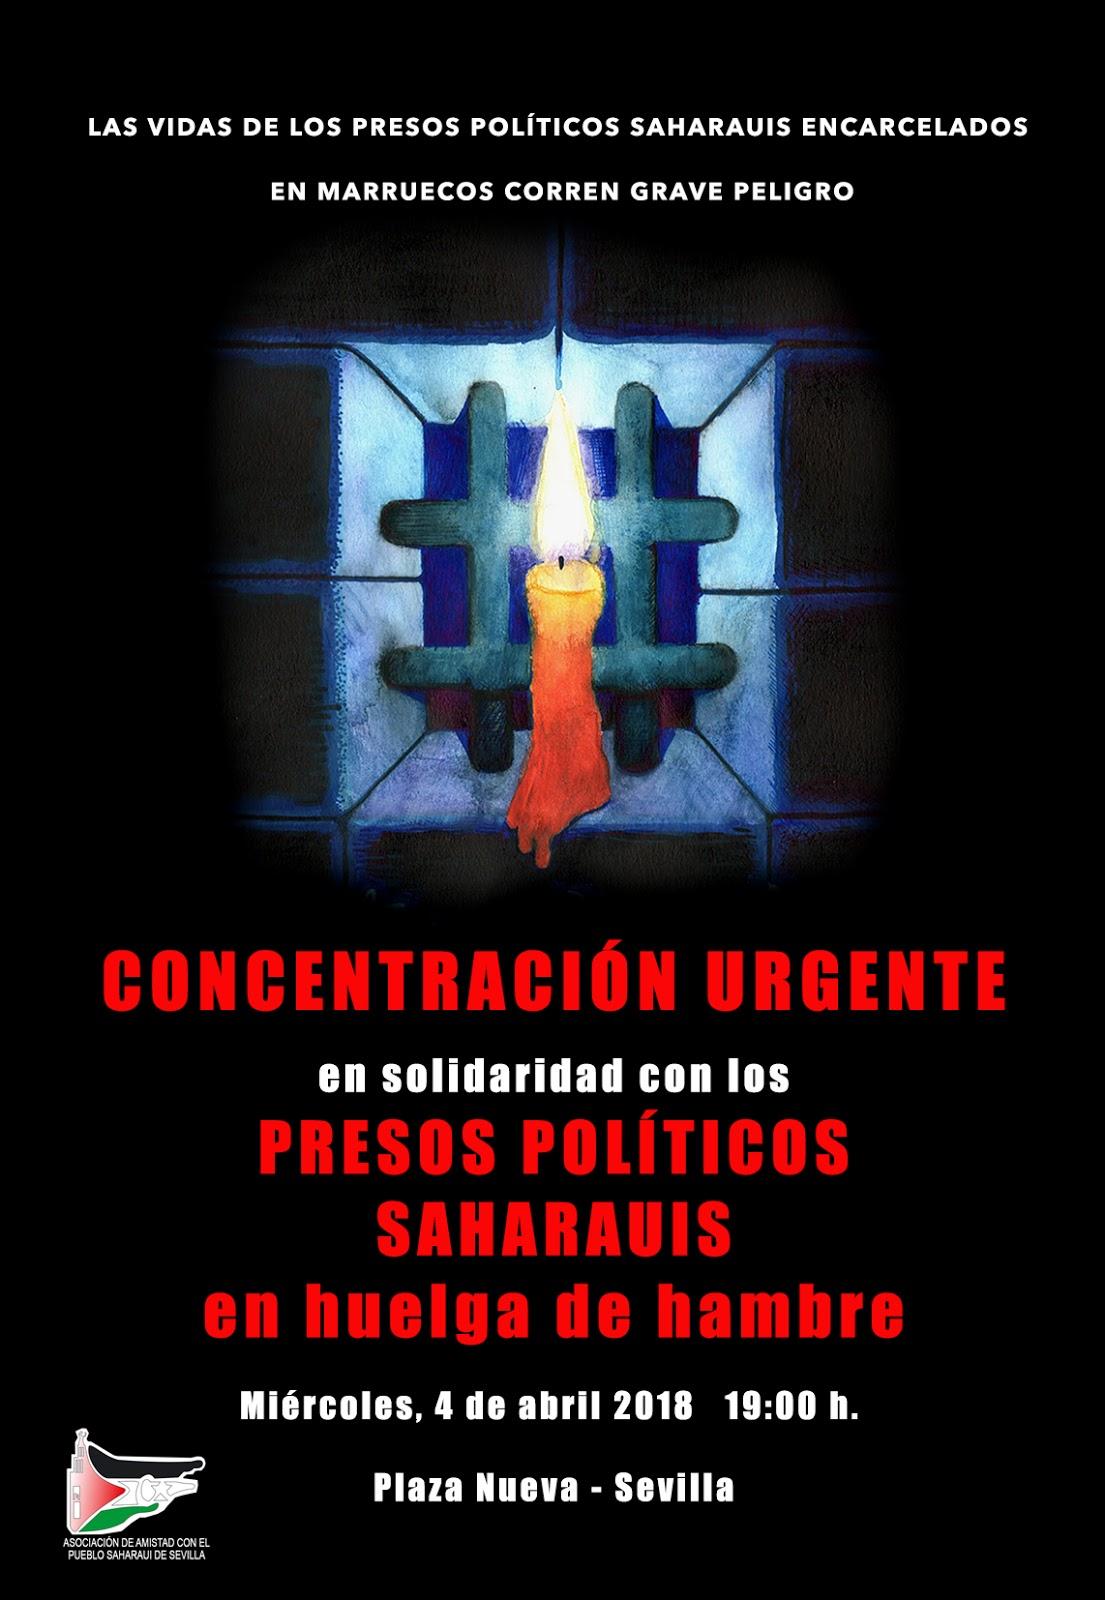 CONCENTRACIÓN URGENTE en solidaridad con los PRESOS POLÍTICOS SAHARAUIS en huelga de hambre